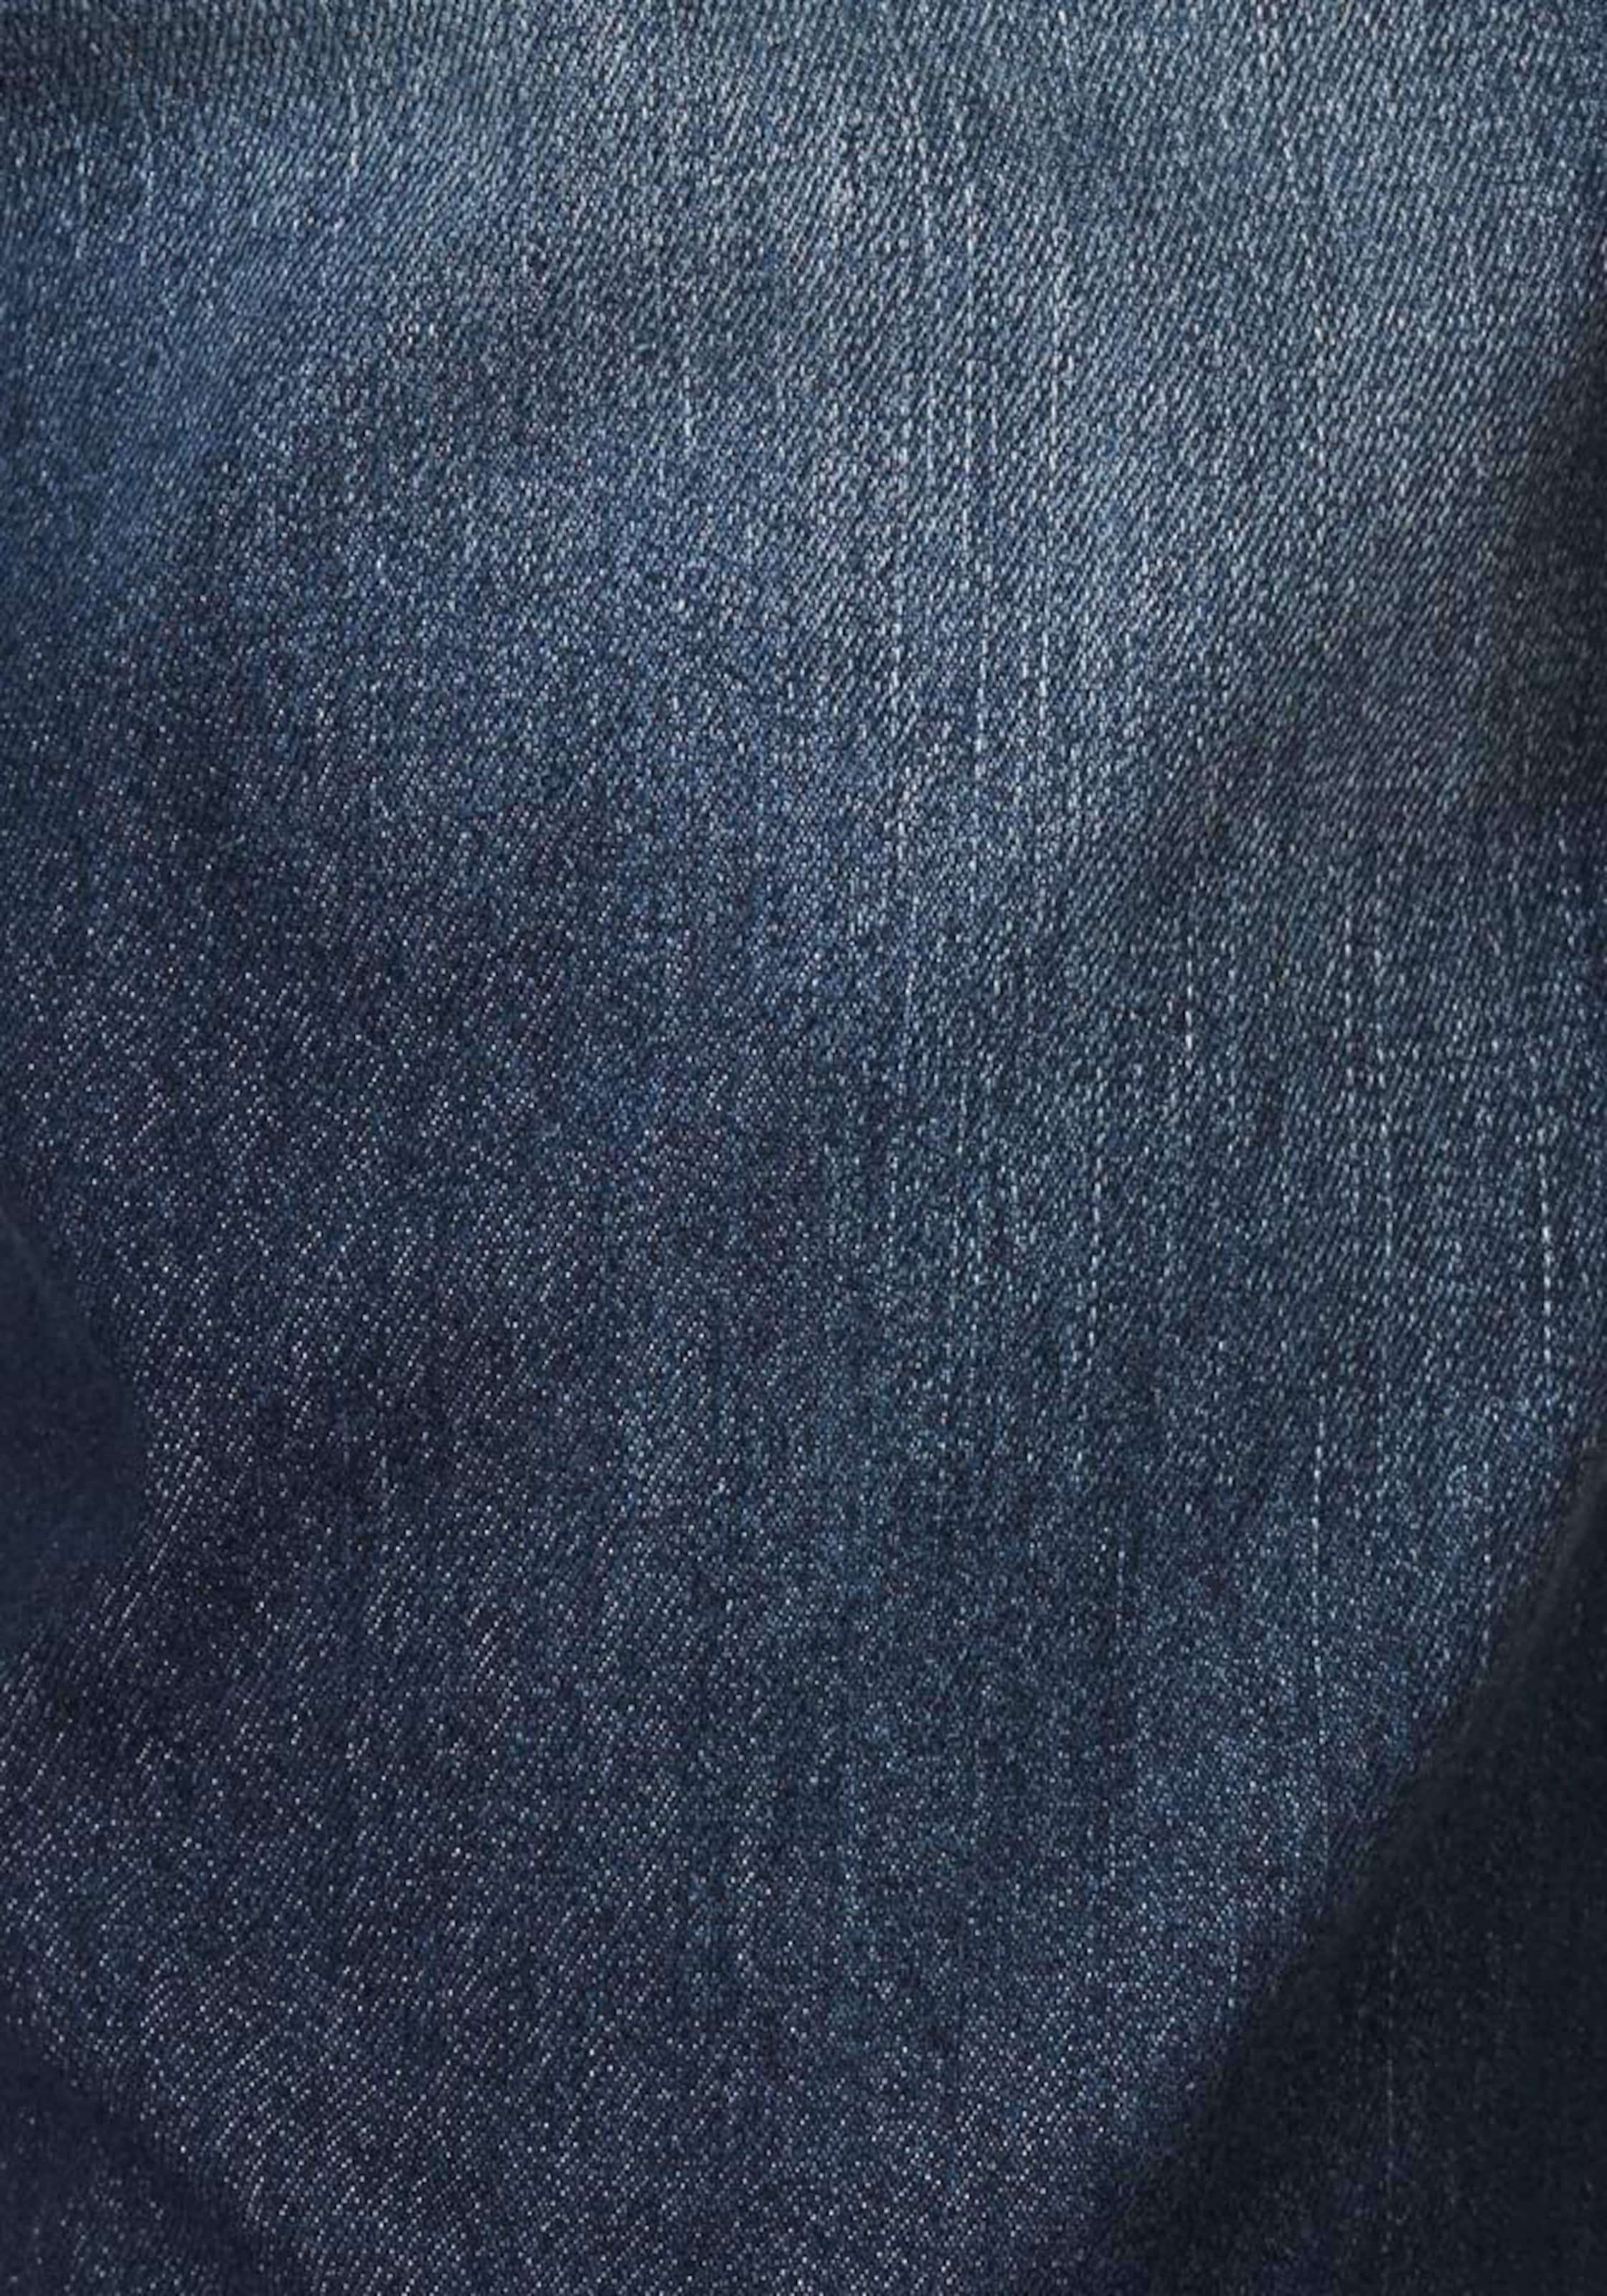 Freies Verschiffen 100% Authentisch BLEND Regular-fit-Jeans 'Twister' Günstig Kaufen 2018 Unisex Freies Verschiffen Begrenzte Ausgabe Limitierte Auflage Footlocker Günstig Online ul5qAjg